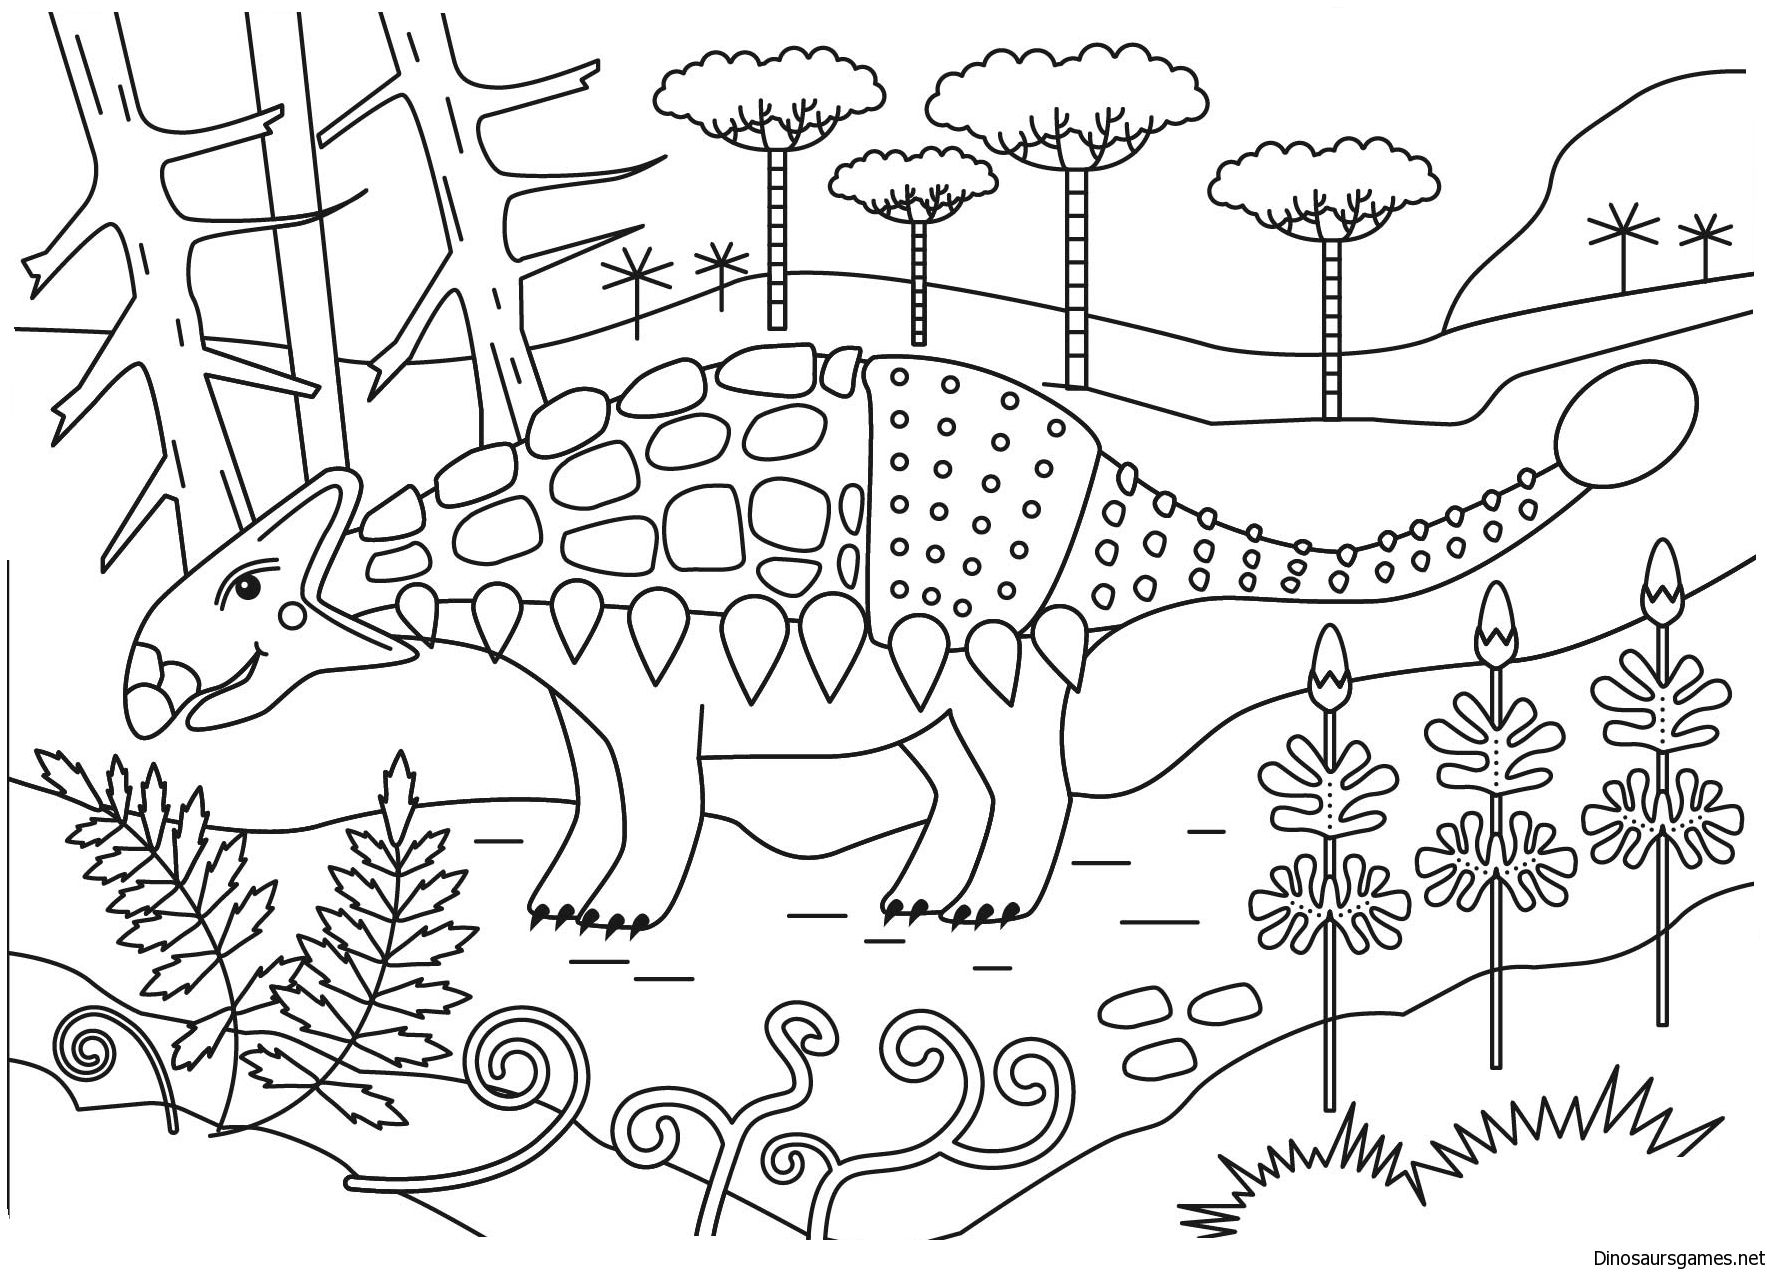 Dinosaurcoloringpages, dinosaurs, Dinosaur Dinosaur